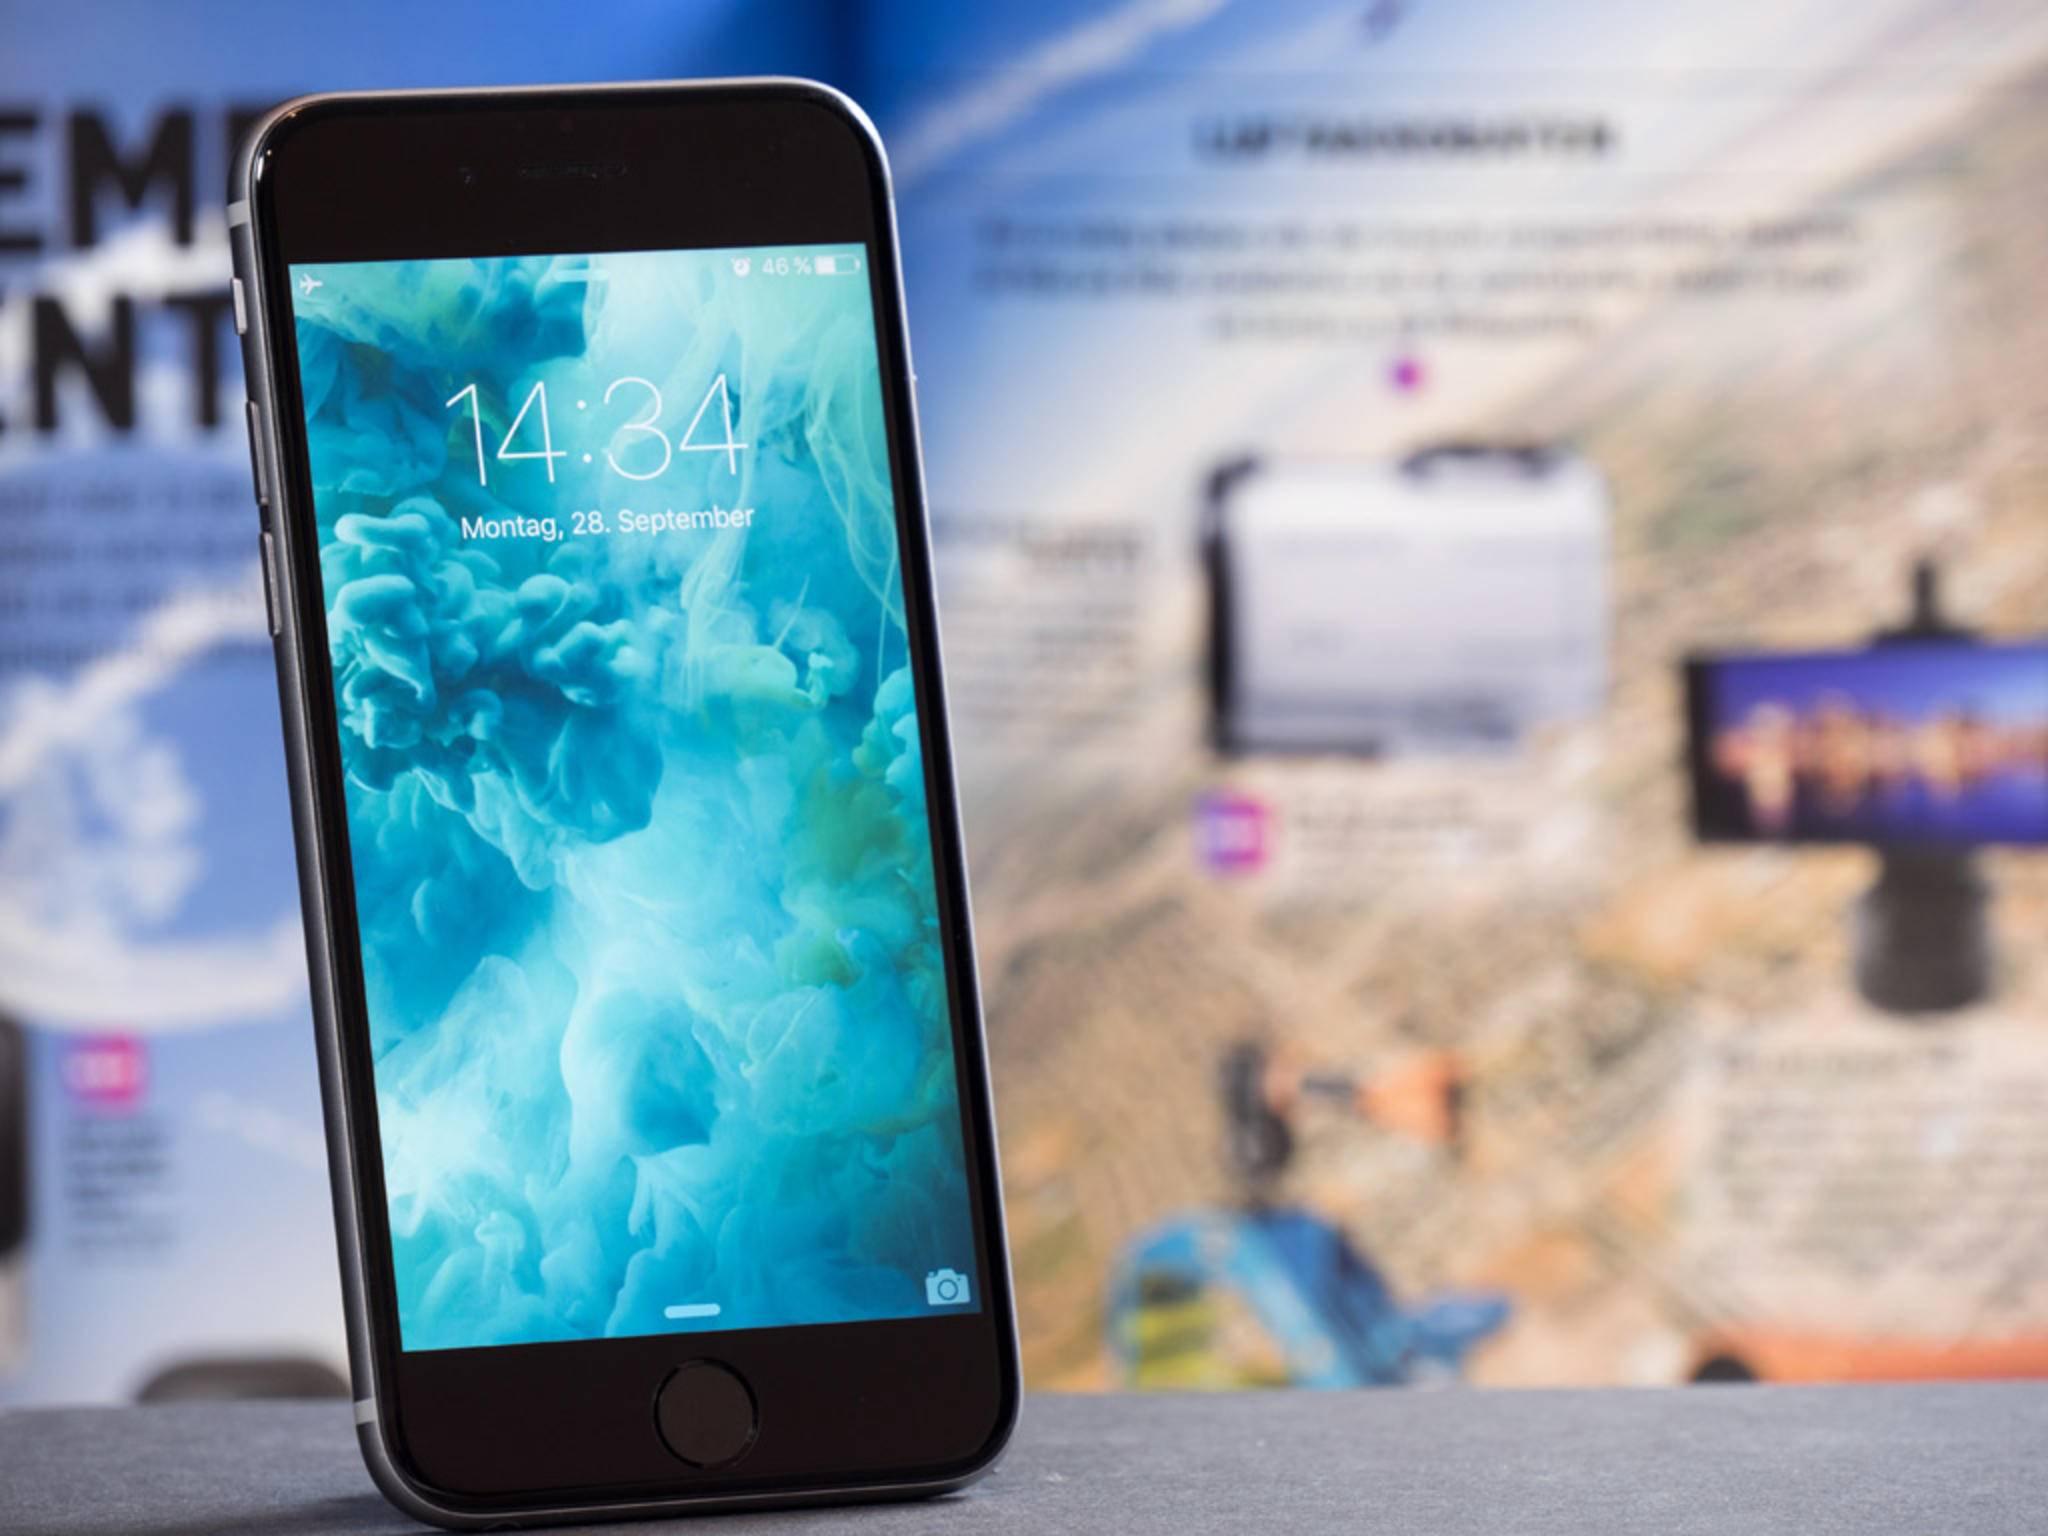 Das Display des iPhone 6s ist gut, aber alles andere als bruchsicher.